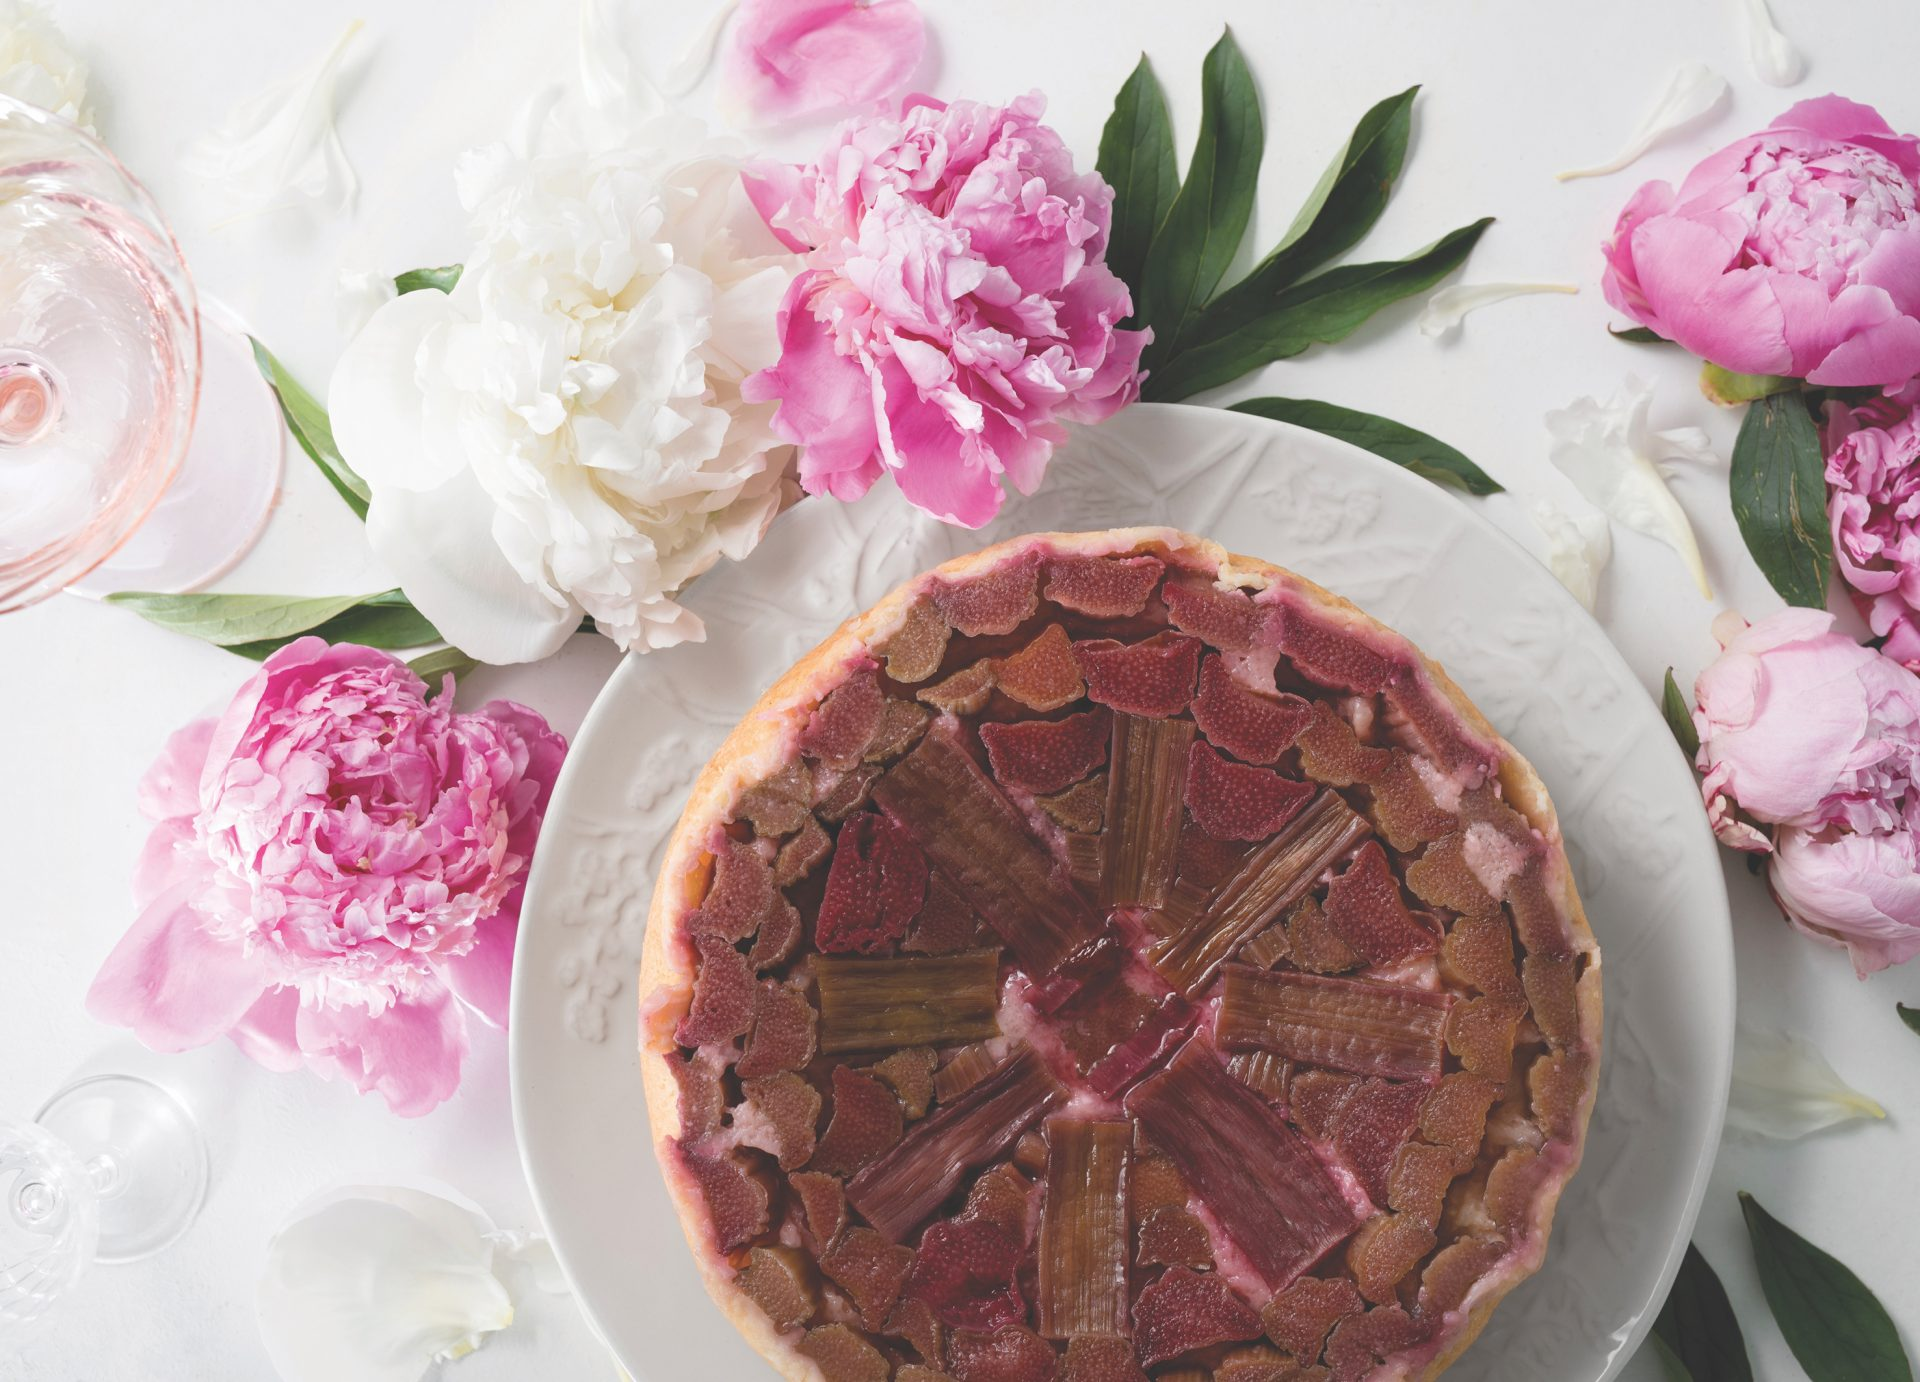 Peppermint magazine Lighthouse Baking celebration cakes